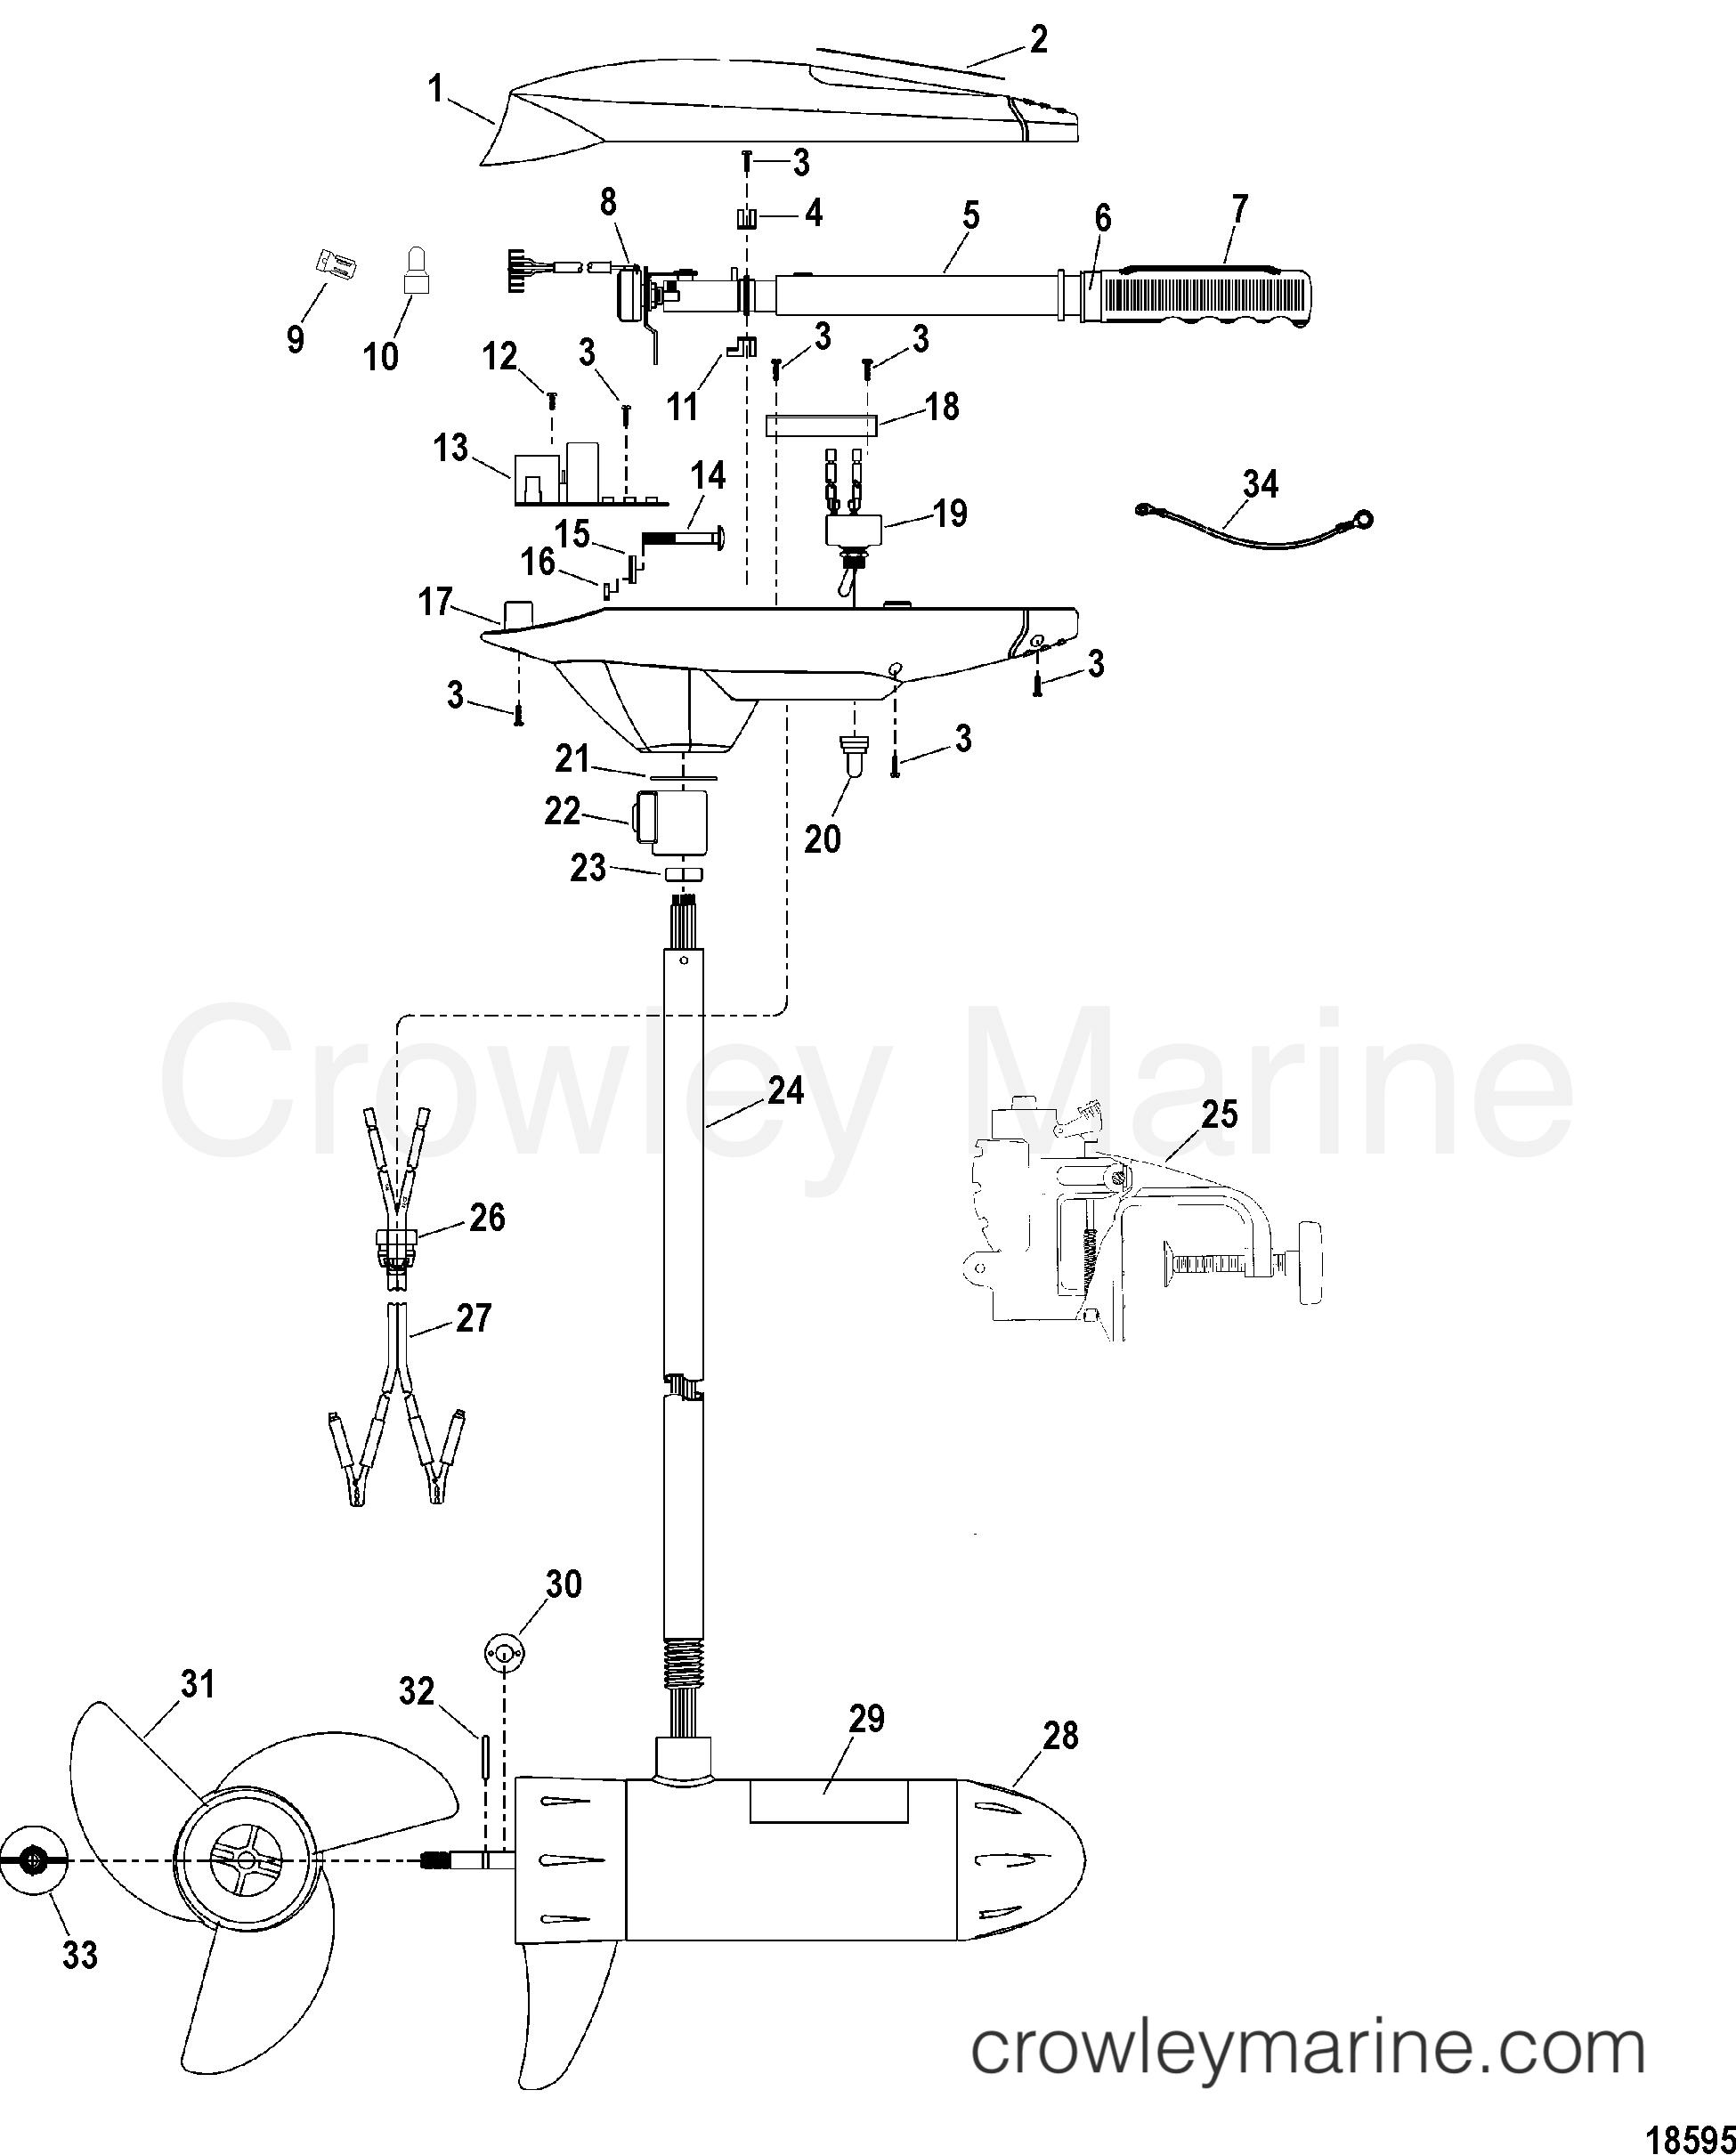 2000 MotorGuide 12V [MOTORGUIDE] - 9EF46BFW1 - COMPLETE TROLLING MOTOR(MODEL ET50VHD) (24 VOLT) section